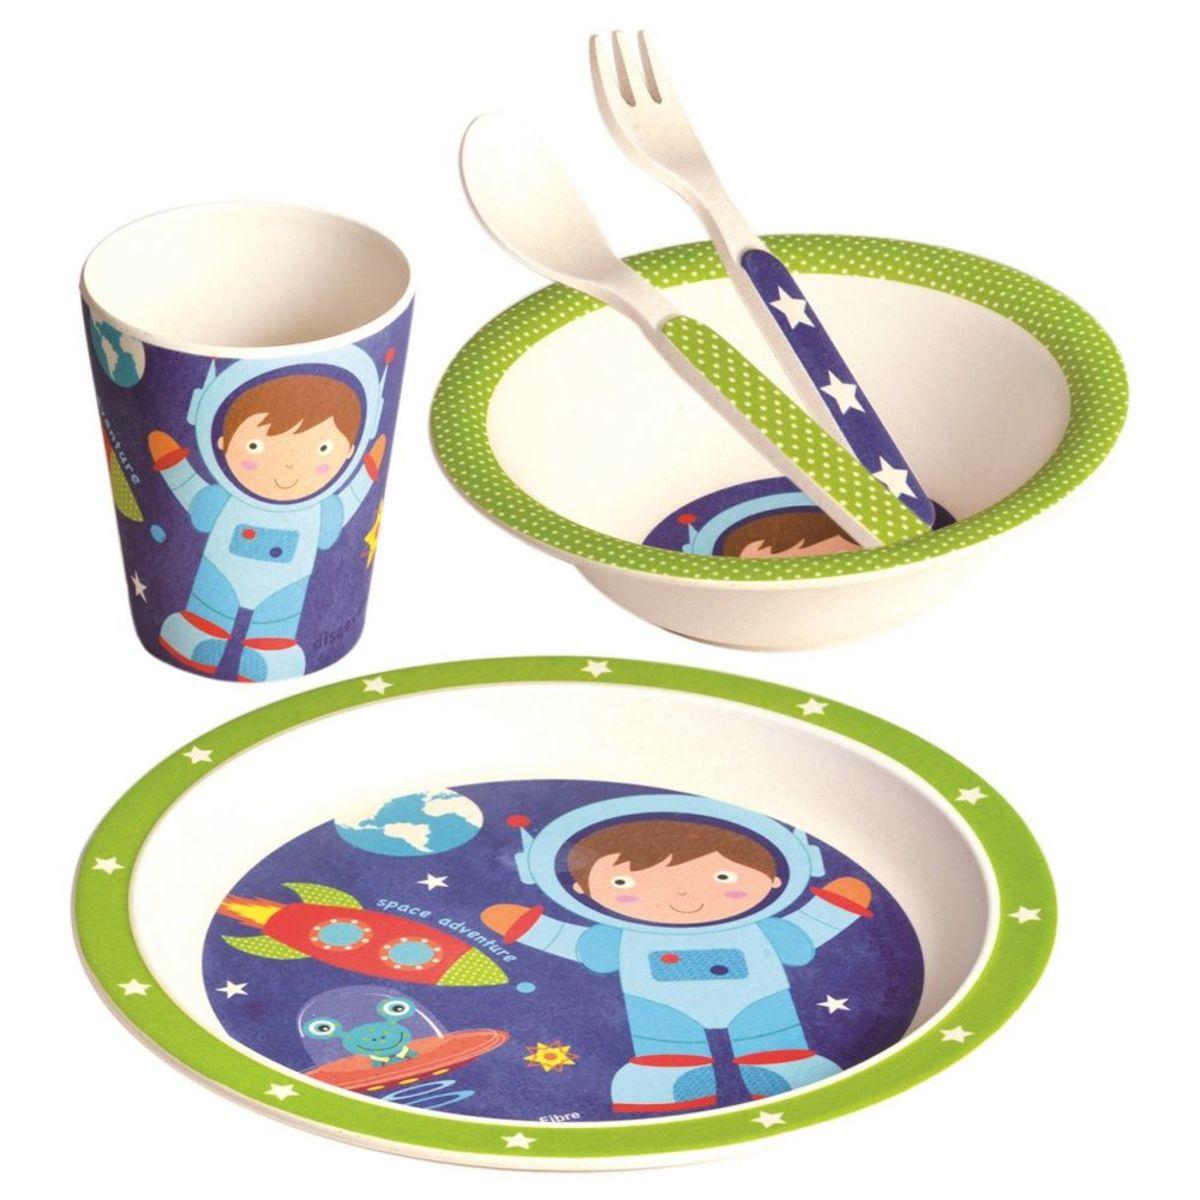 Detský jedálenský set Astronaut